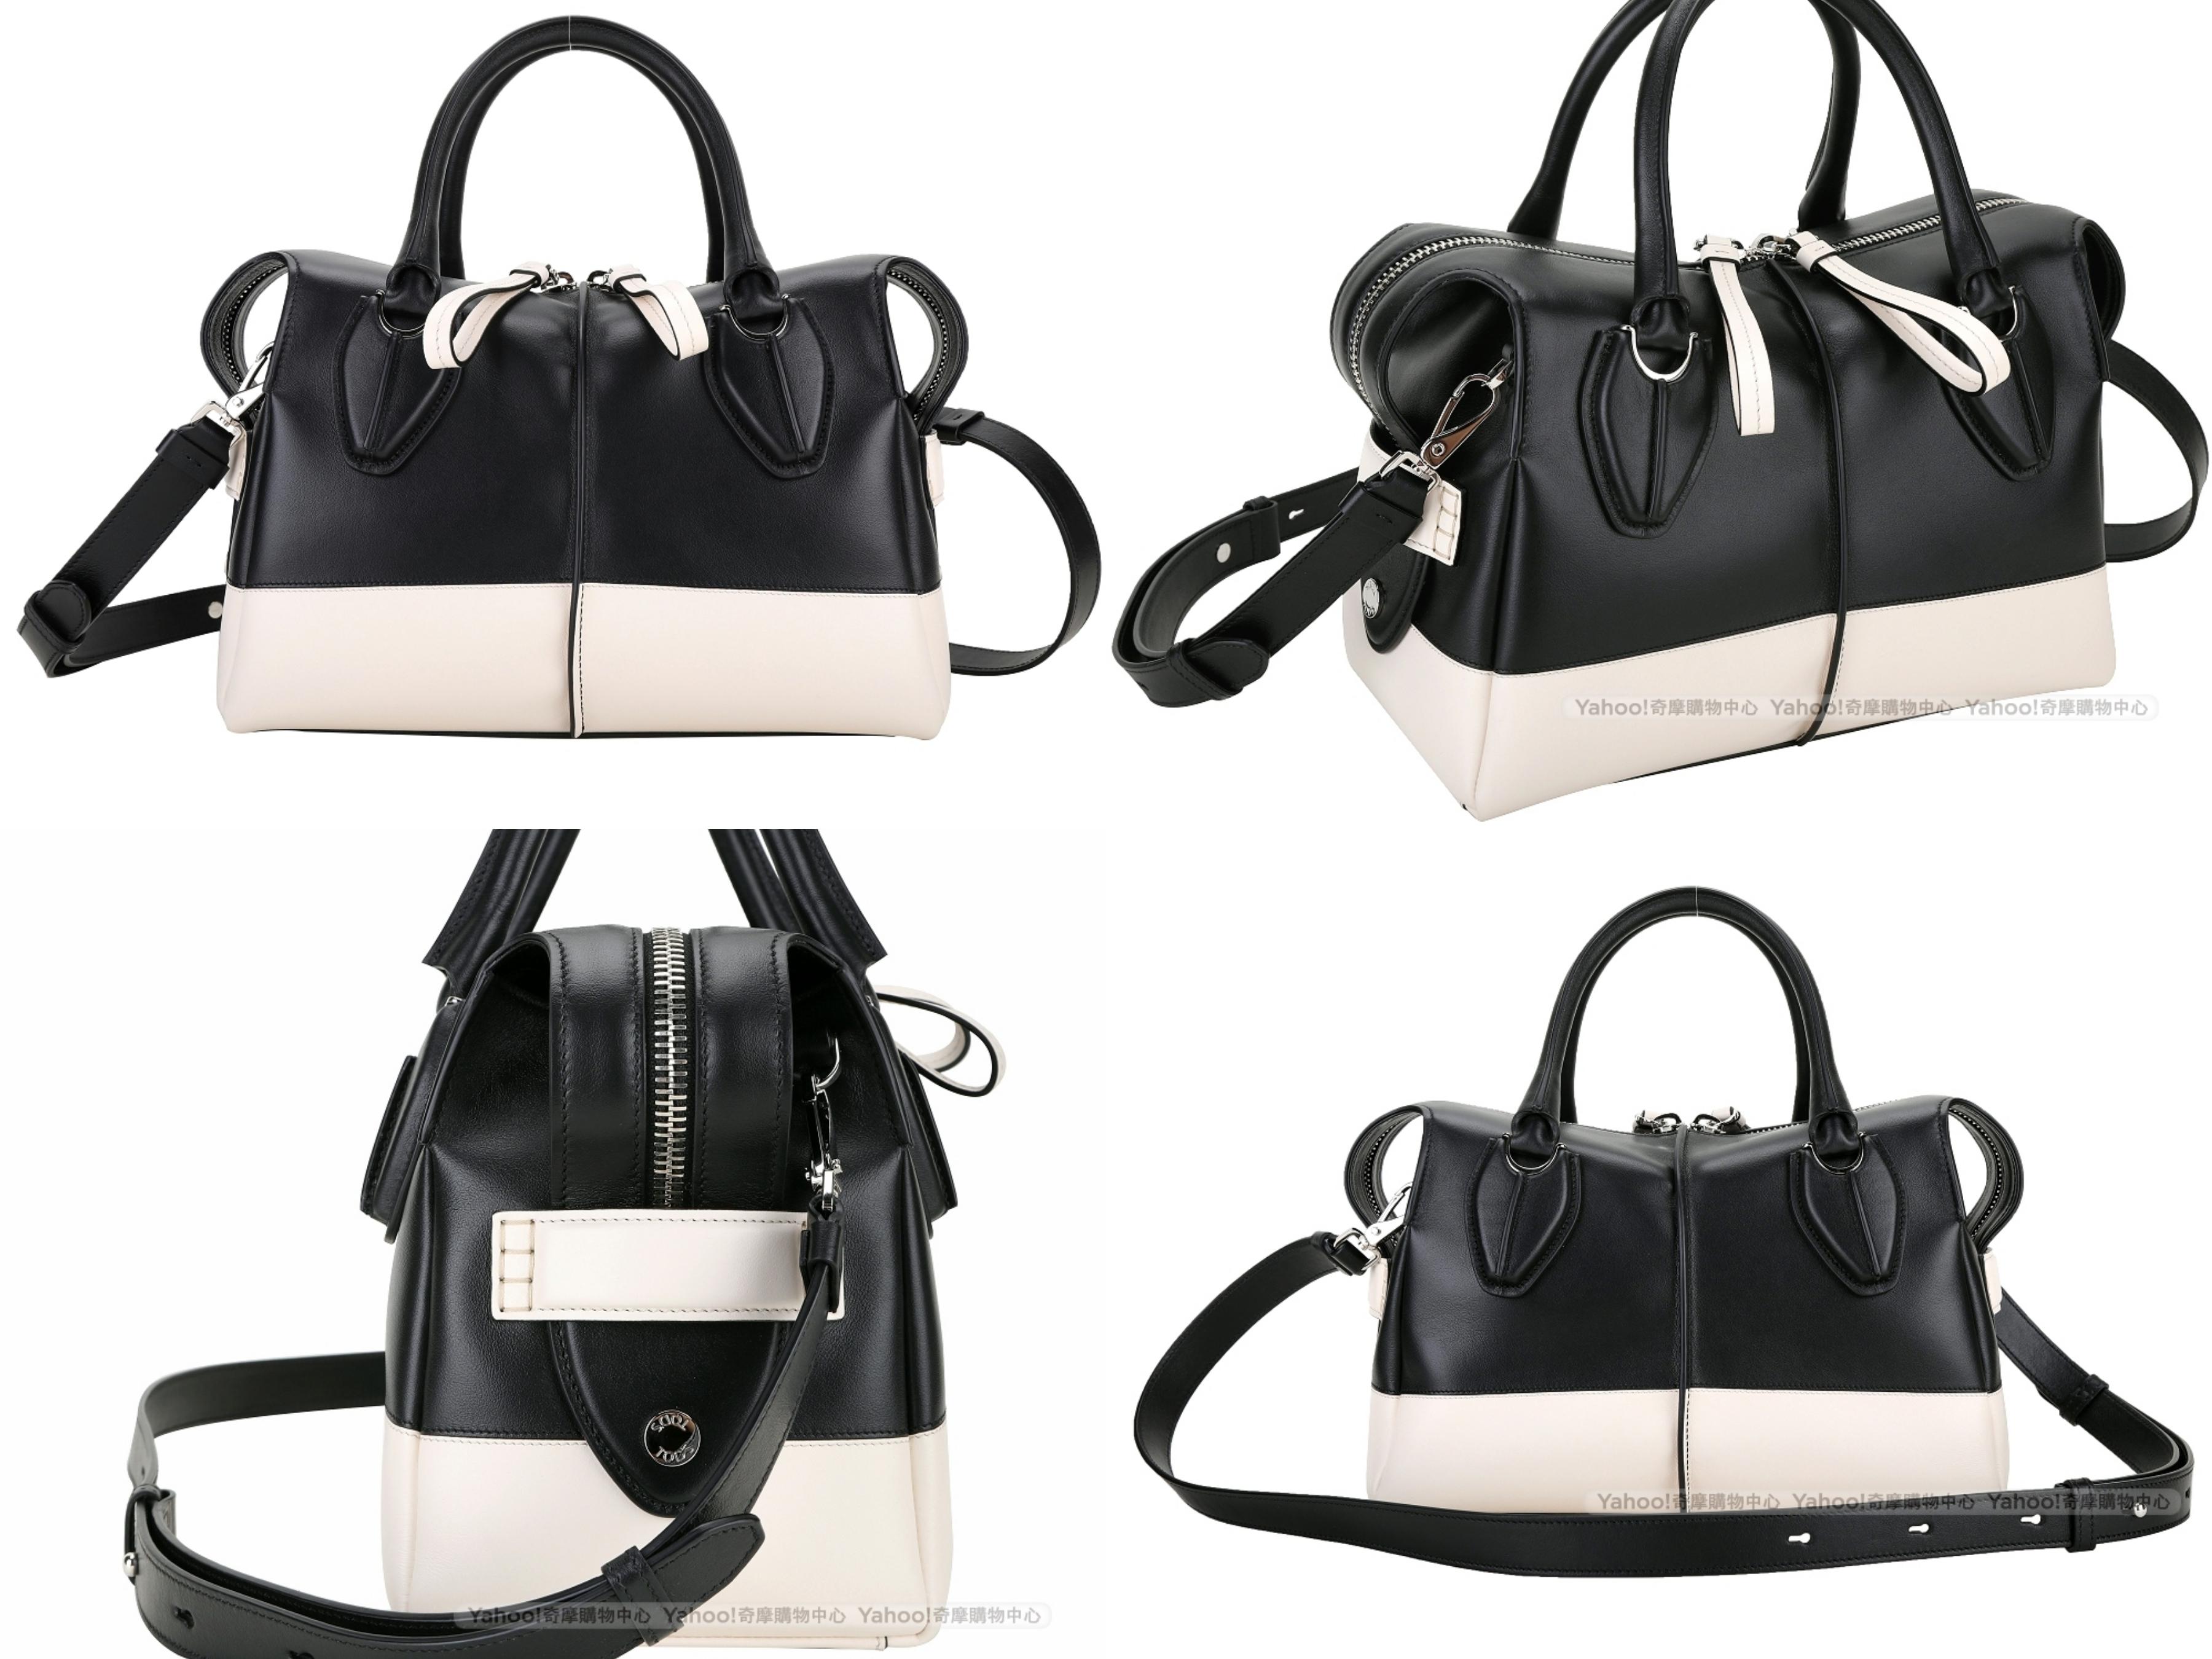 強勢回歸的TOD'S D-Styling Bag簡約實用